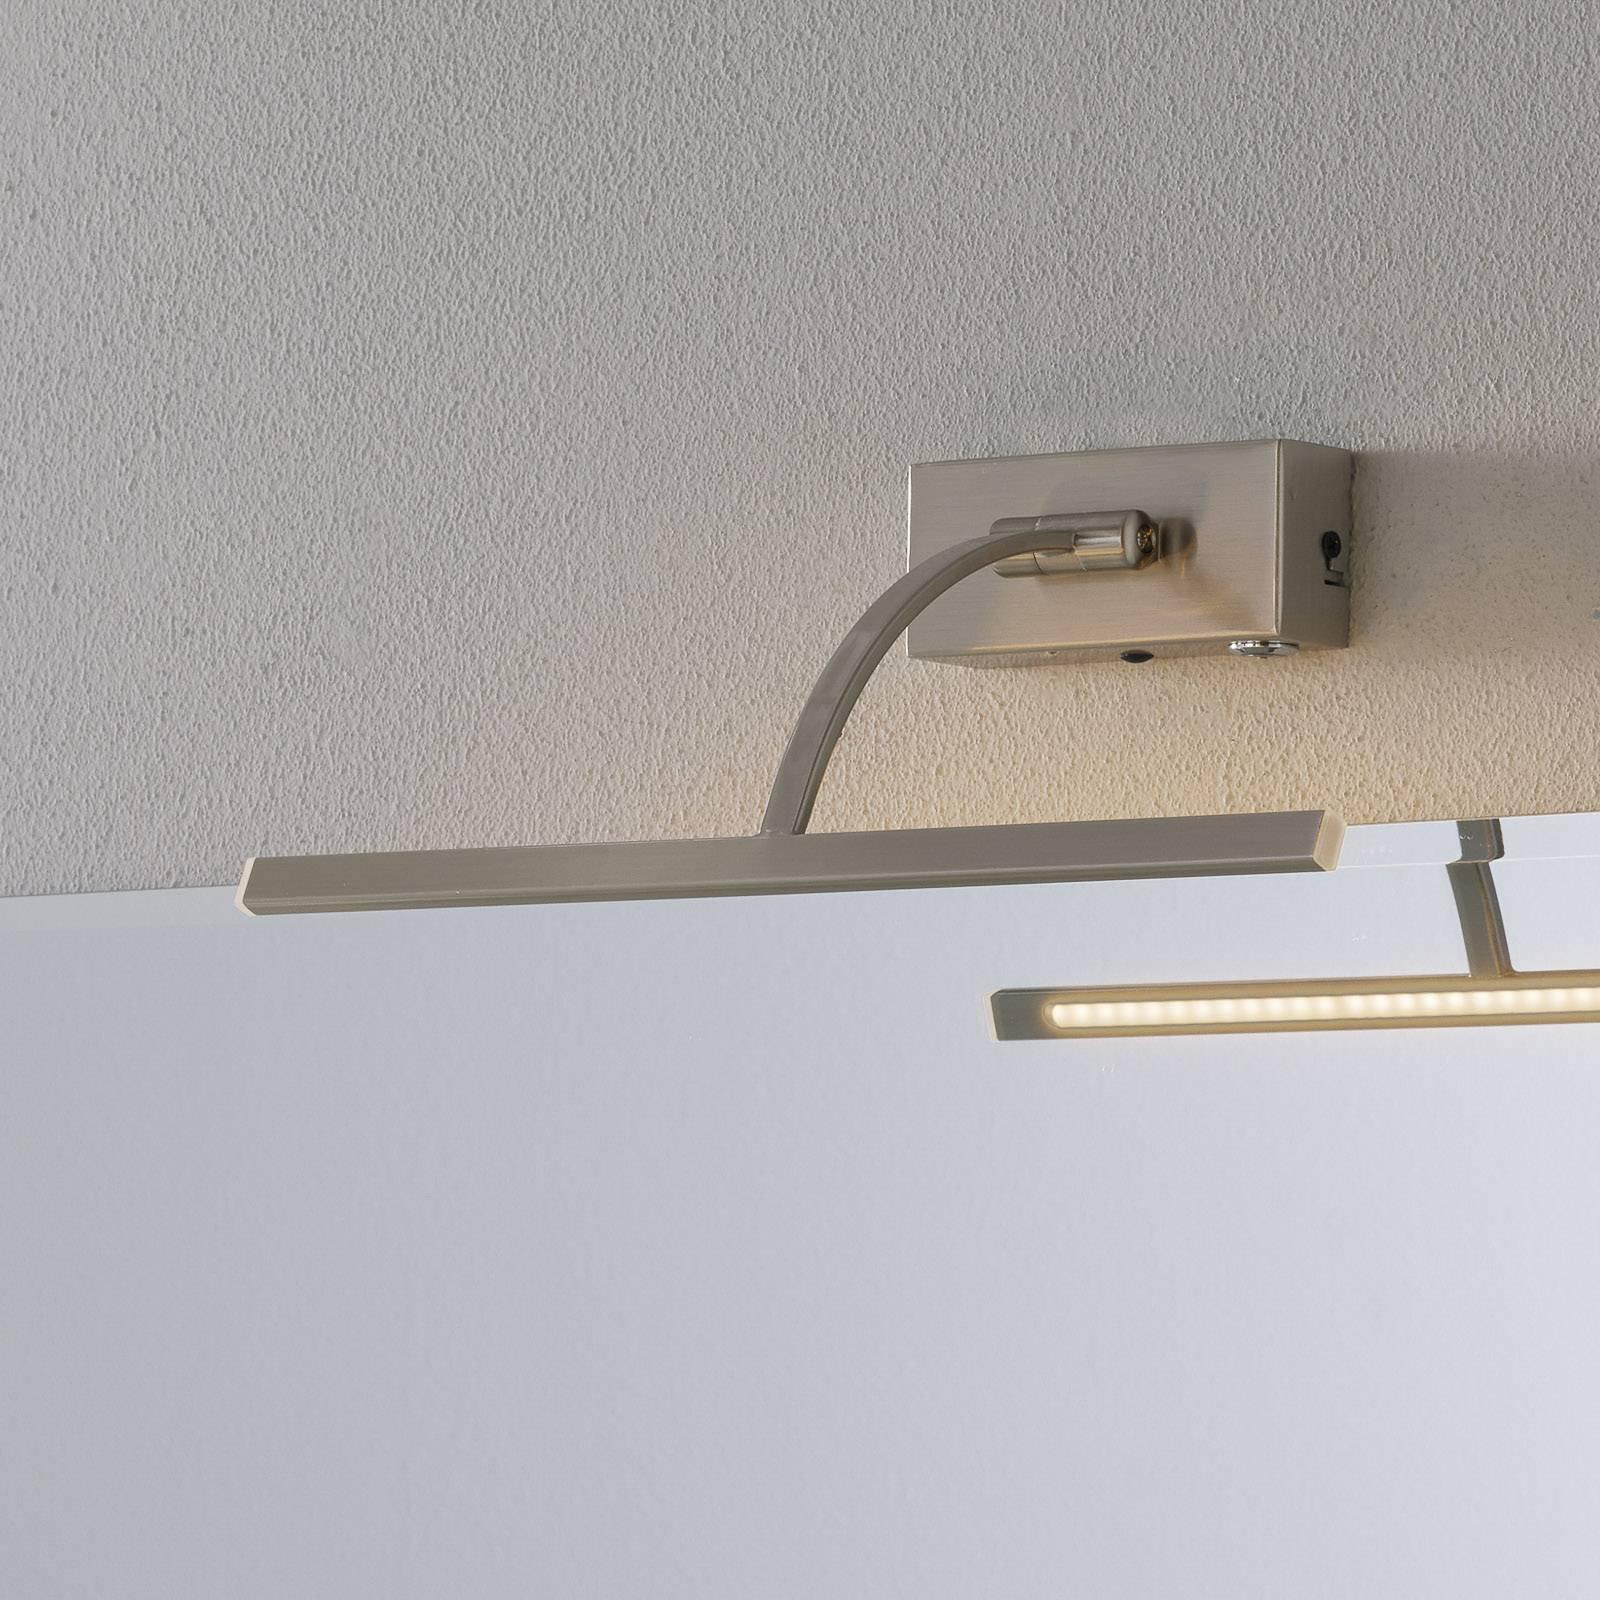 LED-vegglampe Matisse, bredde 34 cm, sølv